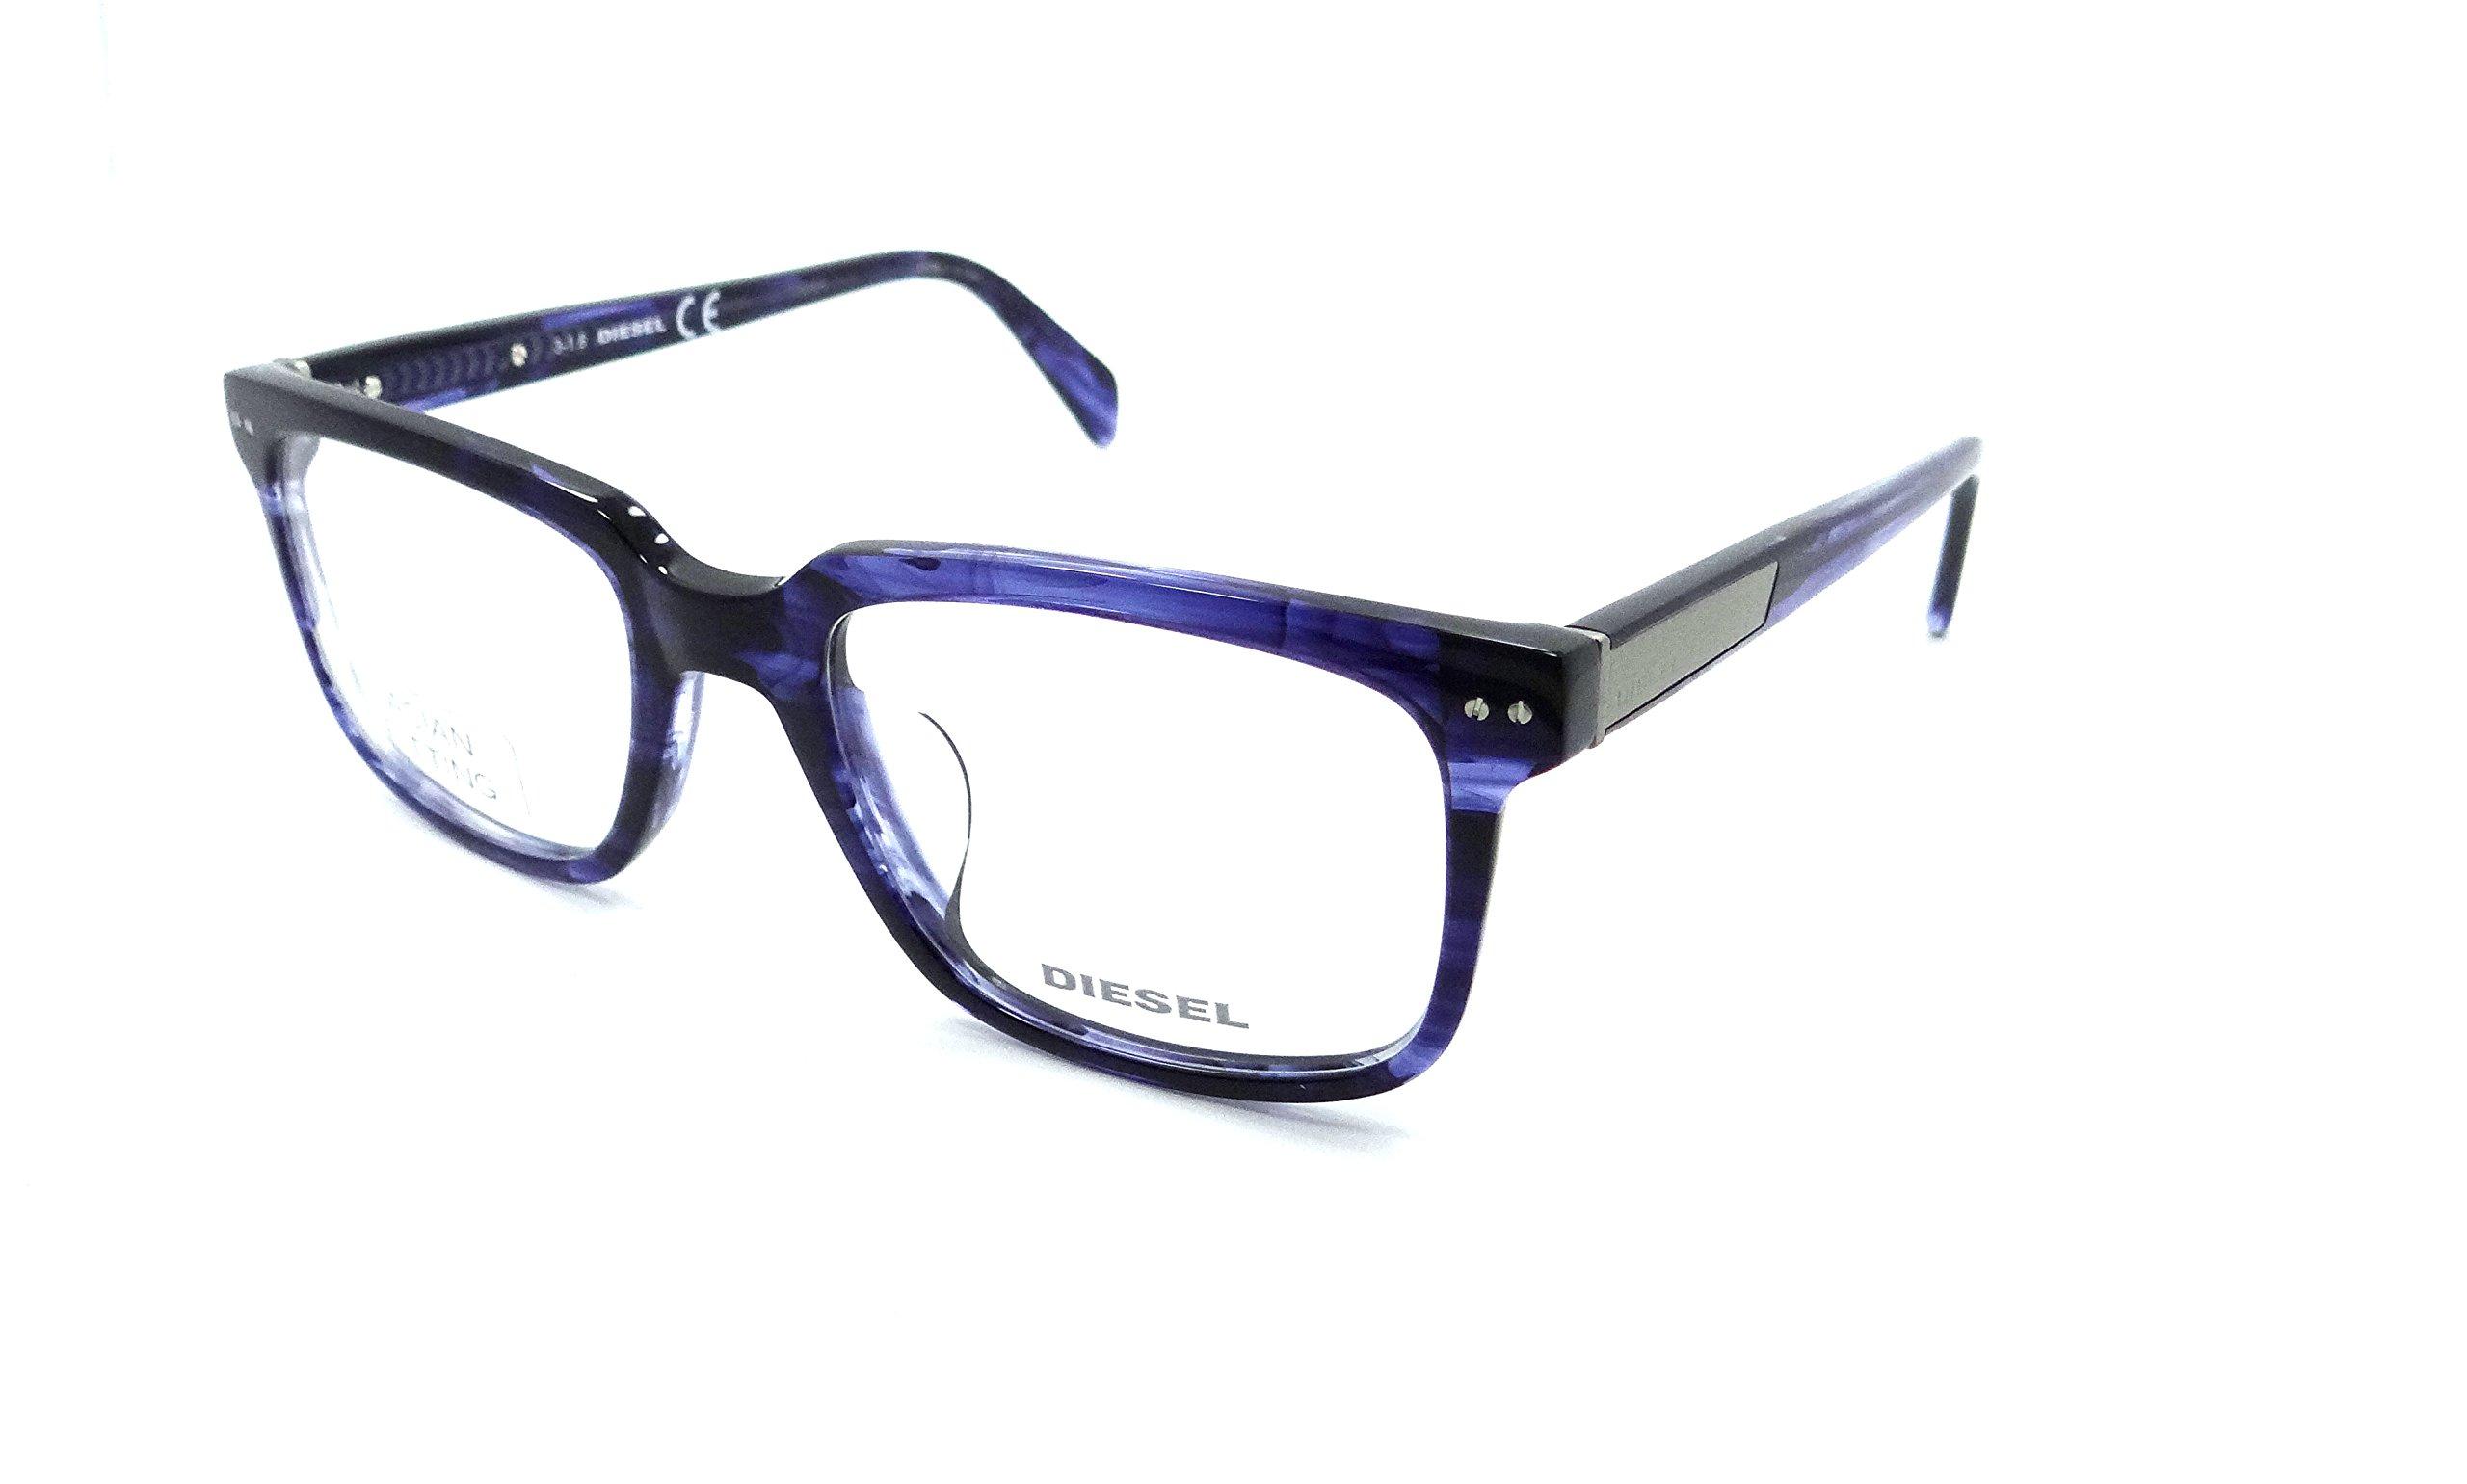 Diesel Rx Eyeglasses Frames DL5206-D 092 54-20-145 Transparent Blue Asian Fit